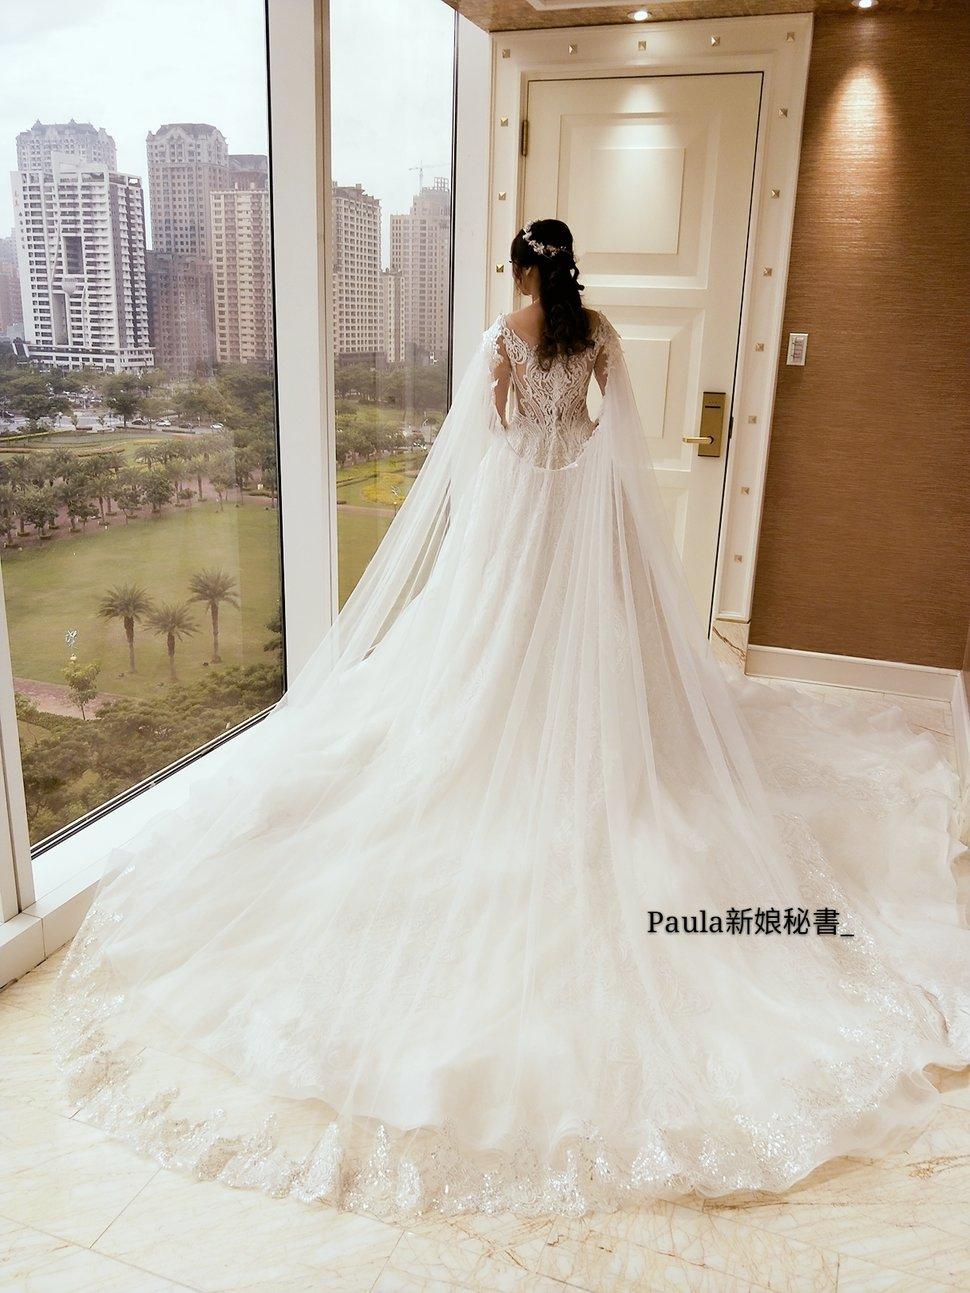 IMG20171112112209_mh1510461528256 - 姸羽工作室 - 結婚吧